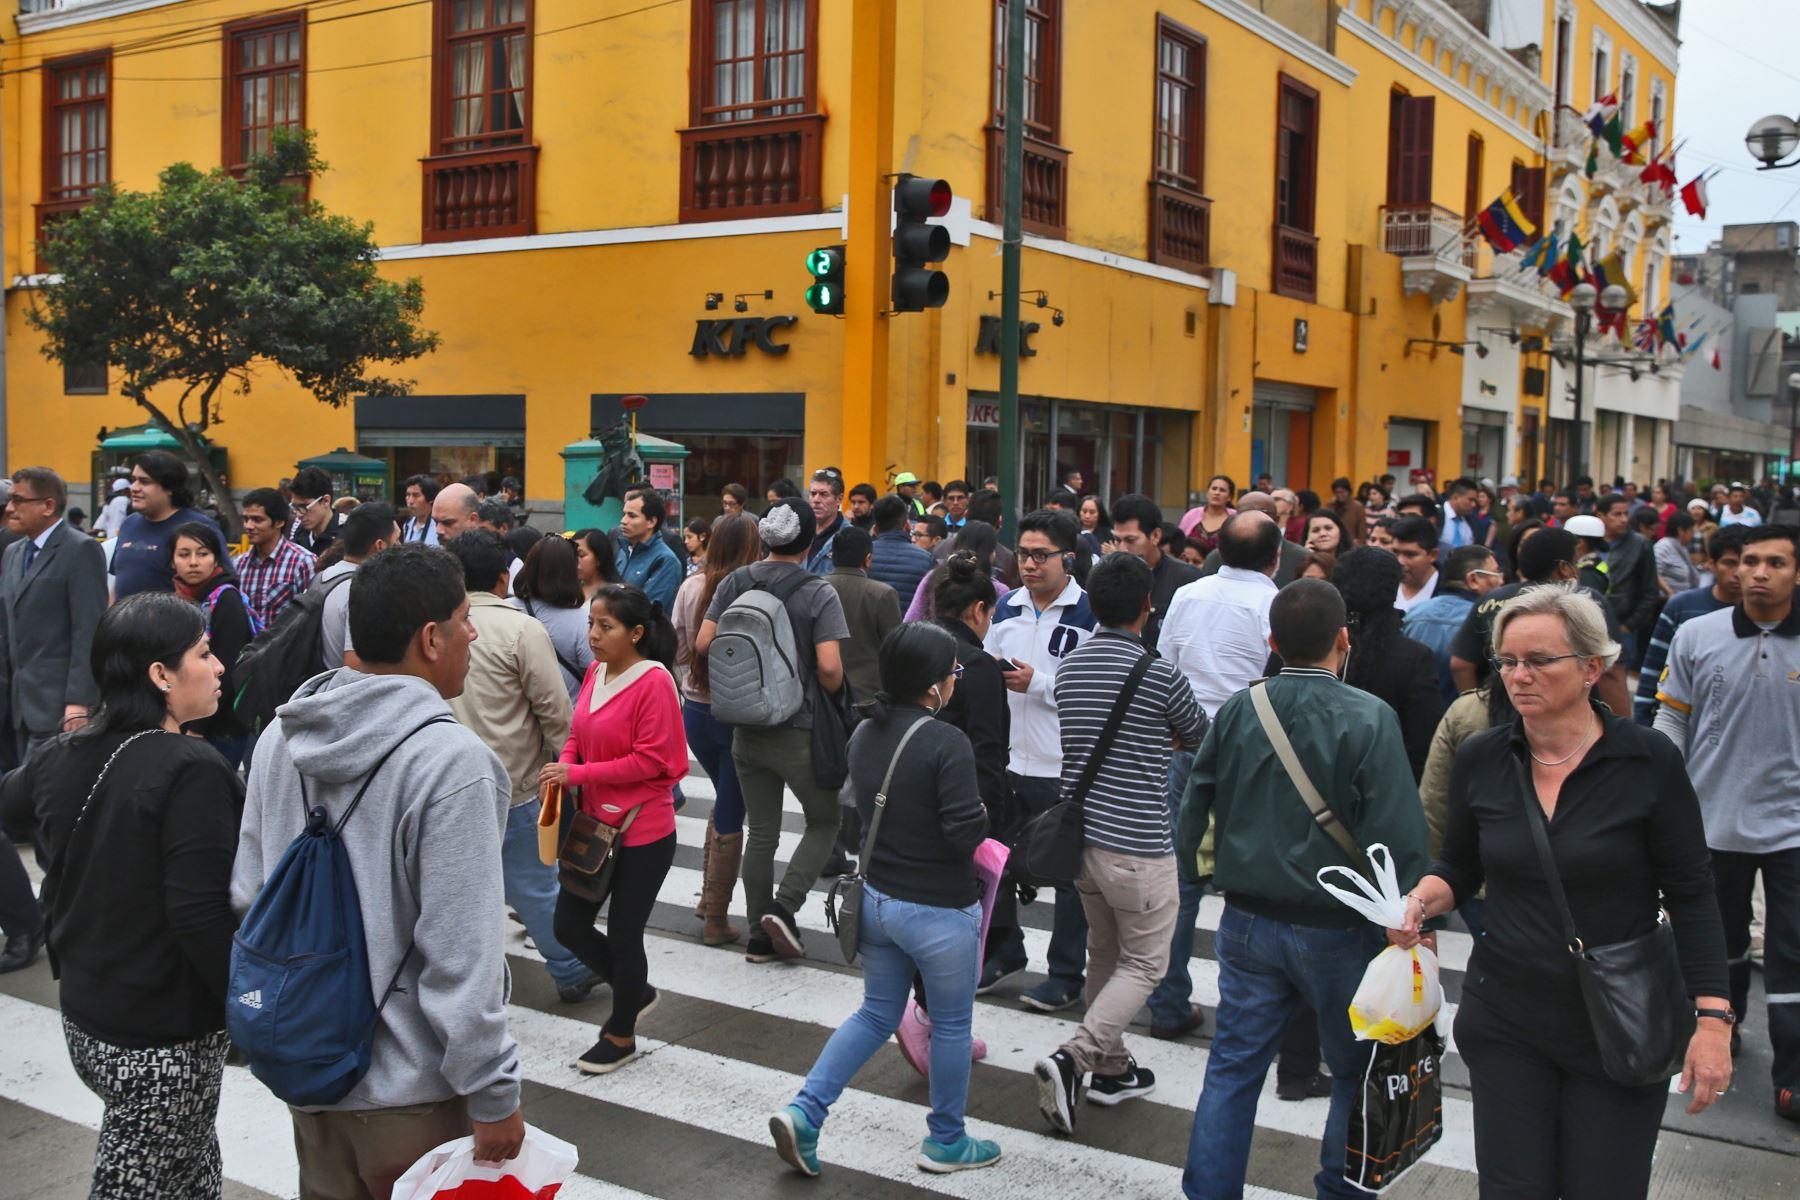 El 13 y 14 de abril serán días no laborables para quienes trabajan en los sectores público y privado en Lima y Callao. ANDINA/archivo